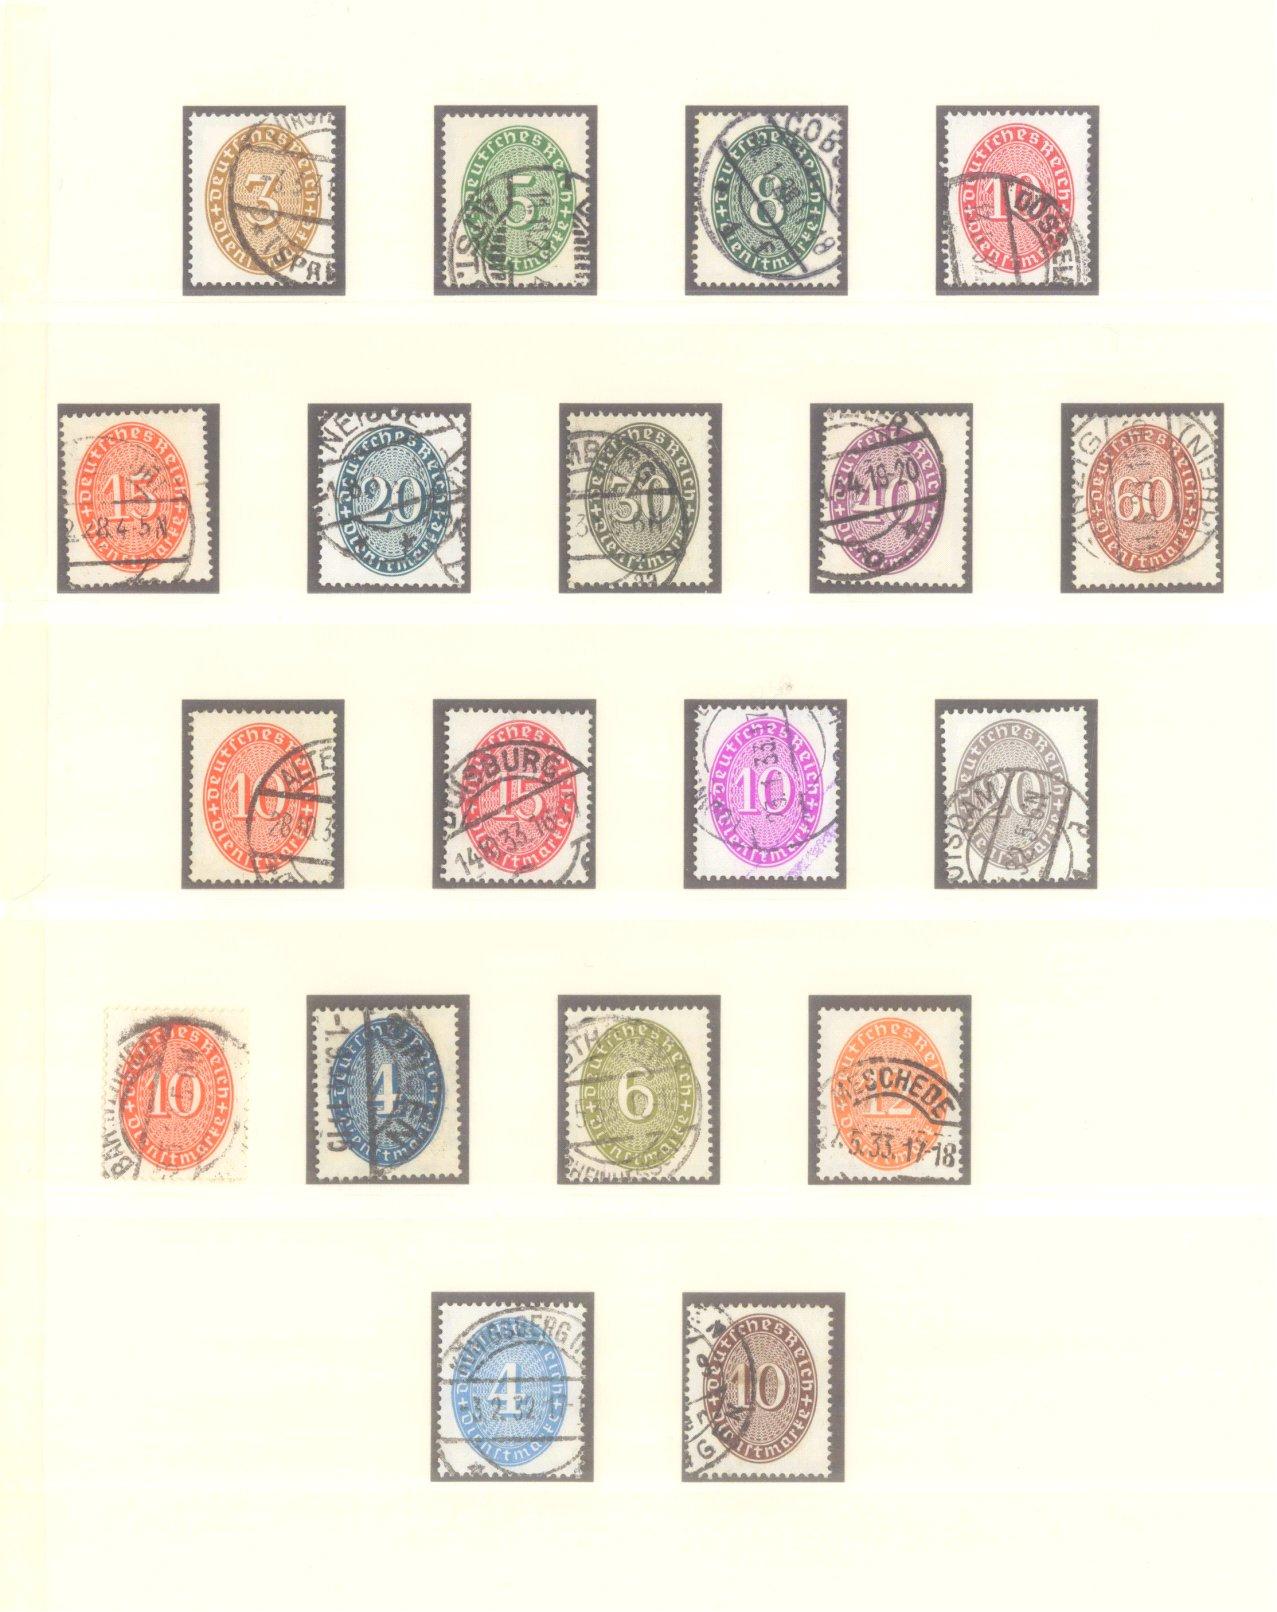 DEUTSCHES REICH – WEIMARER REPUBLIK 1923-1933-12